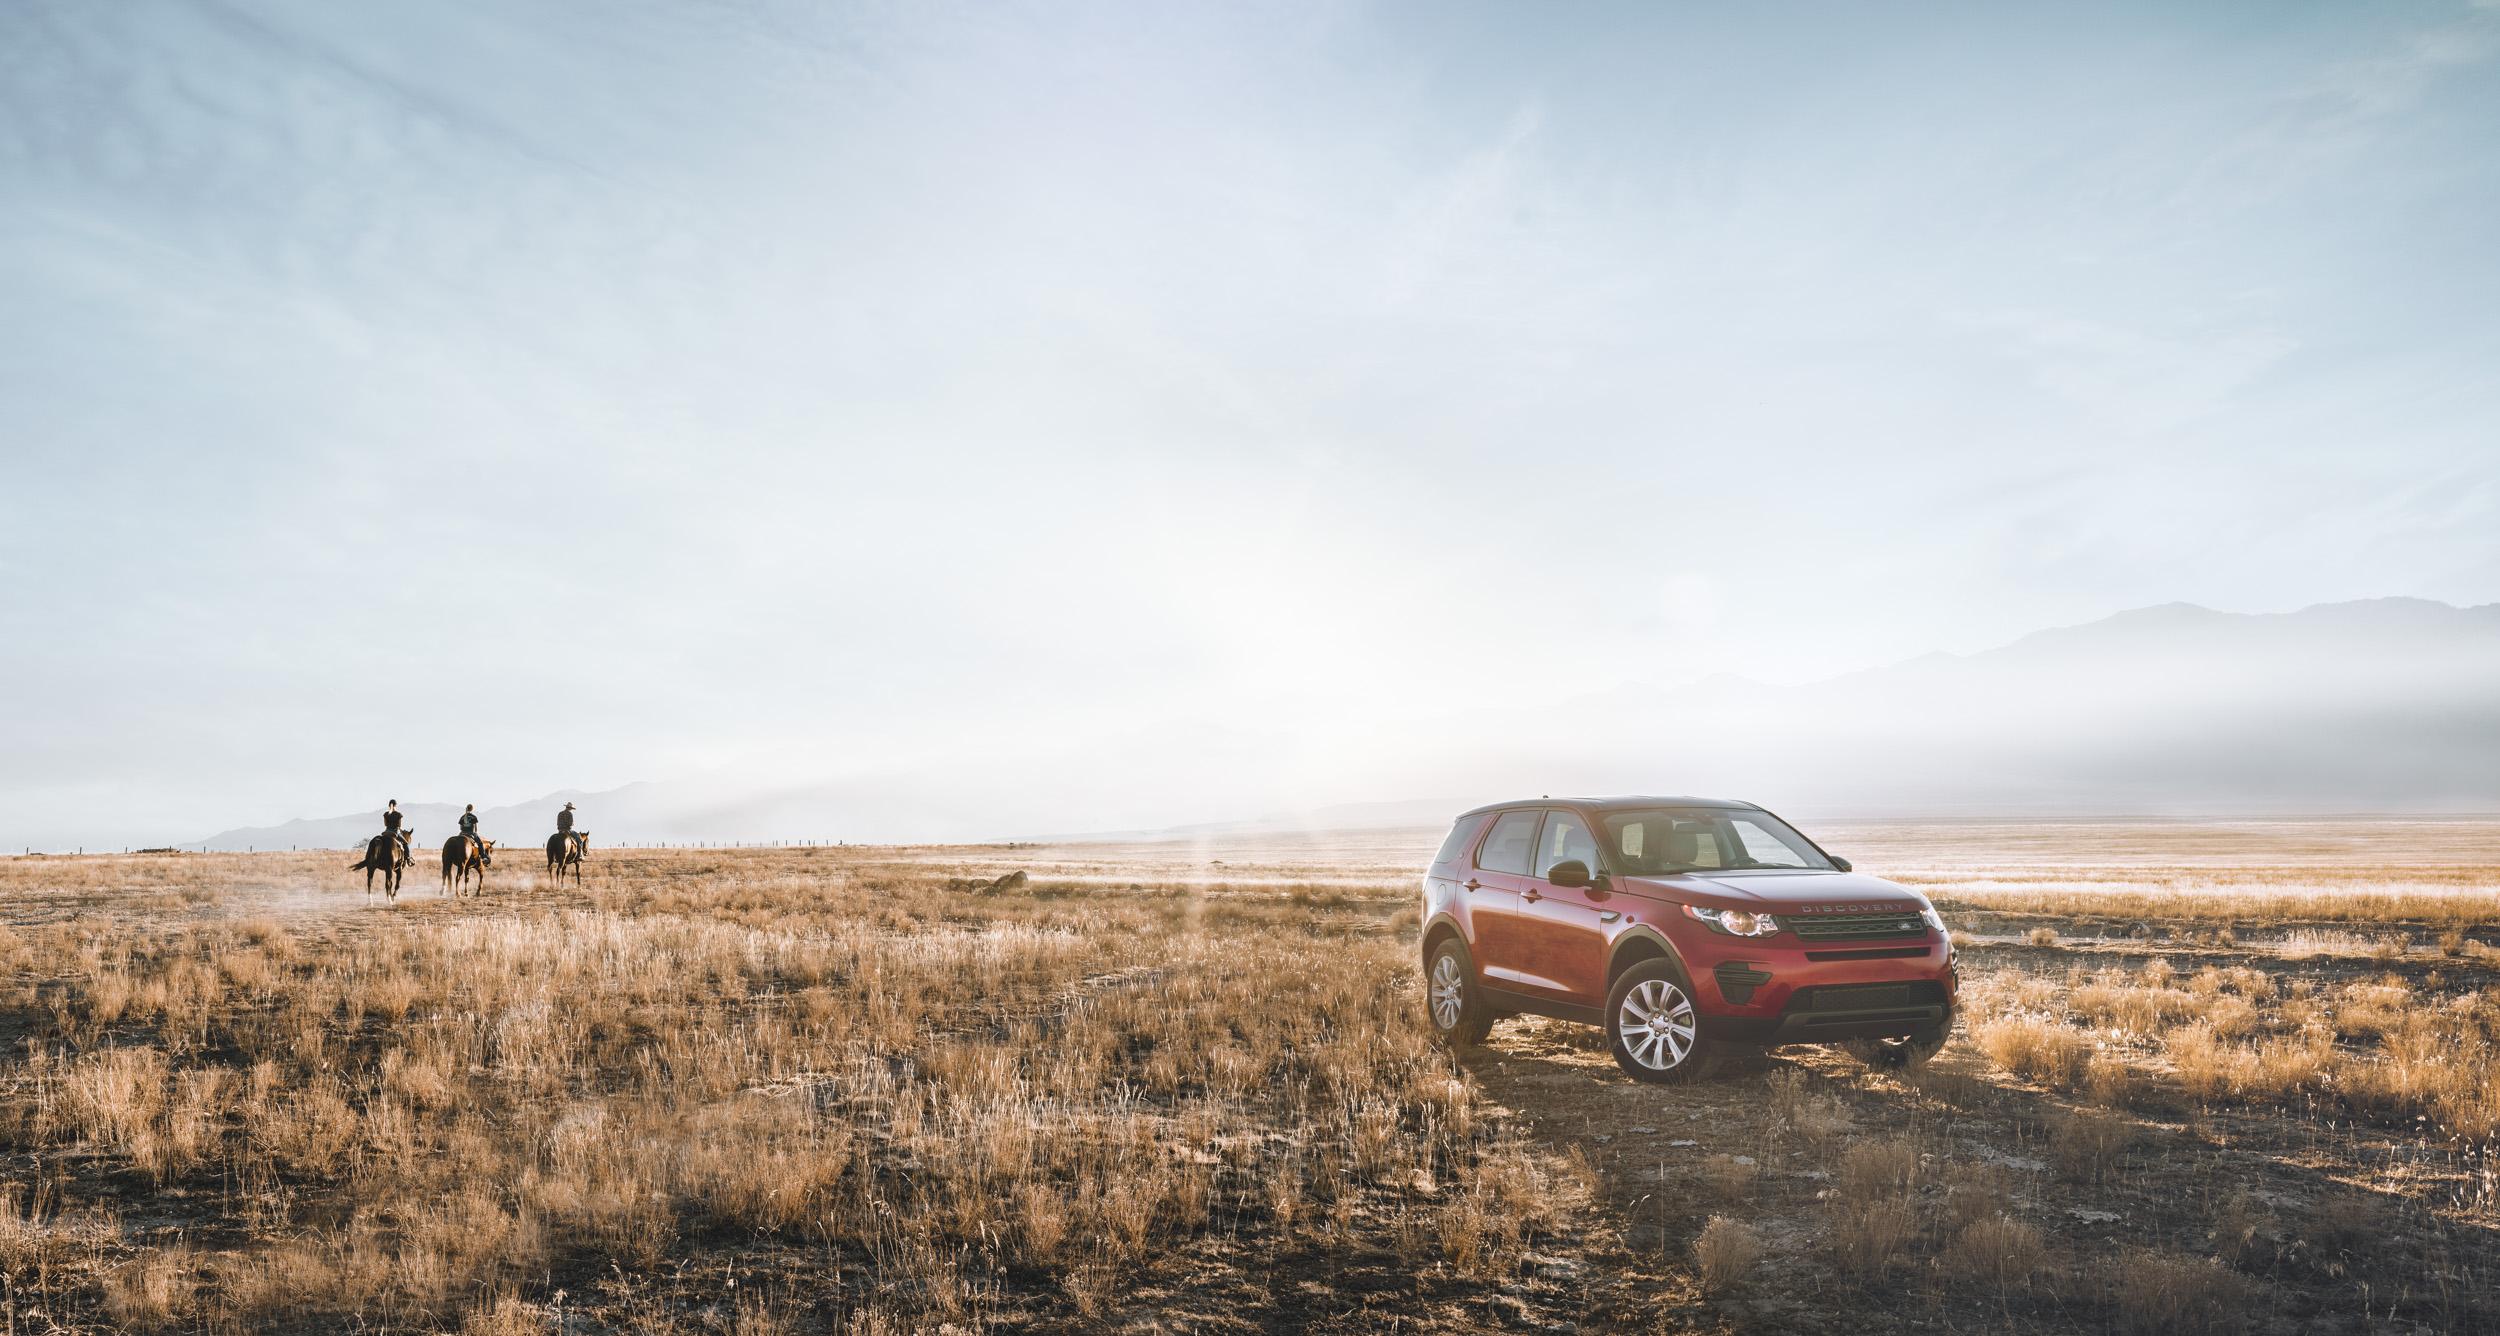 Objktv_SQ_OBJKTV_MaxRes_Land_Rover-6102-HDR-Edit (1).jpg